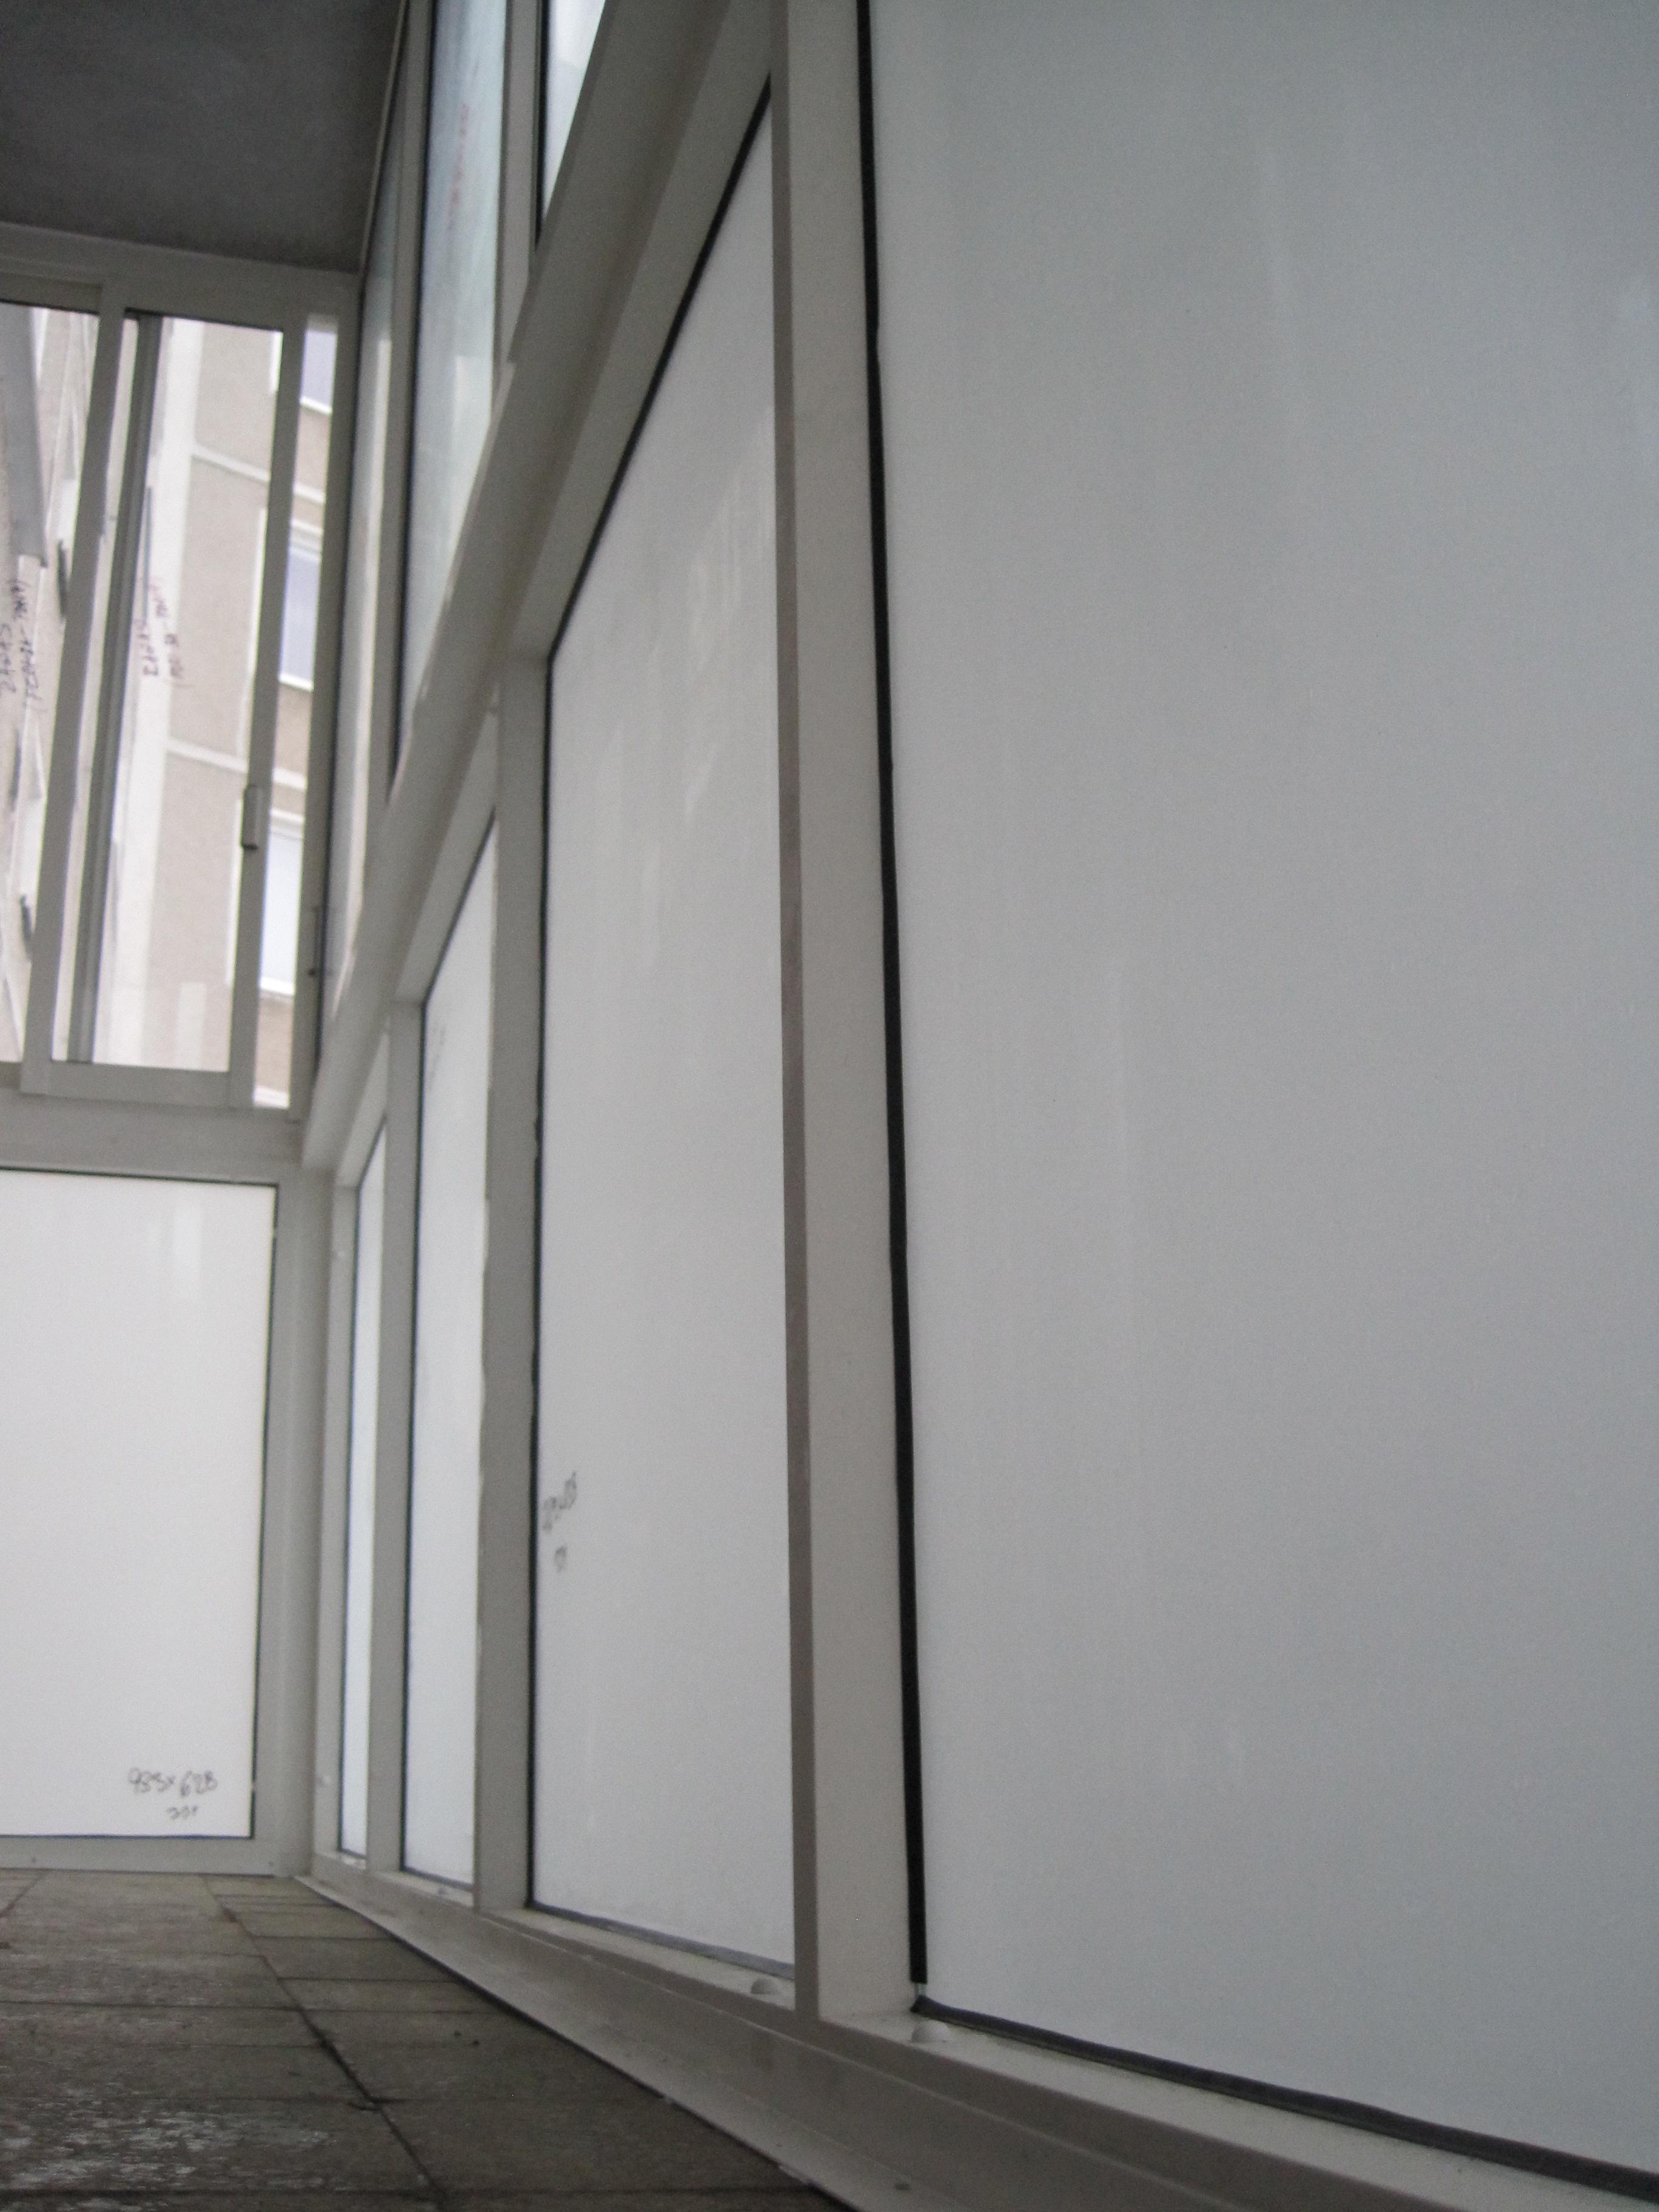 Balkonverglasung, Nove Mesto nad Vahom - Pifema s.r.o.